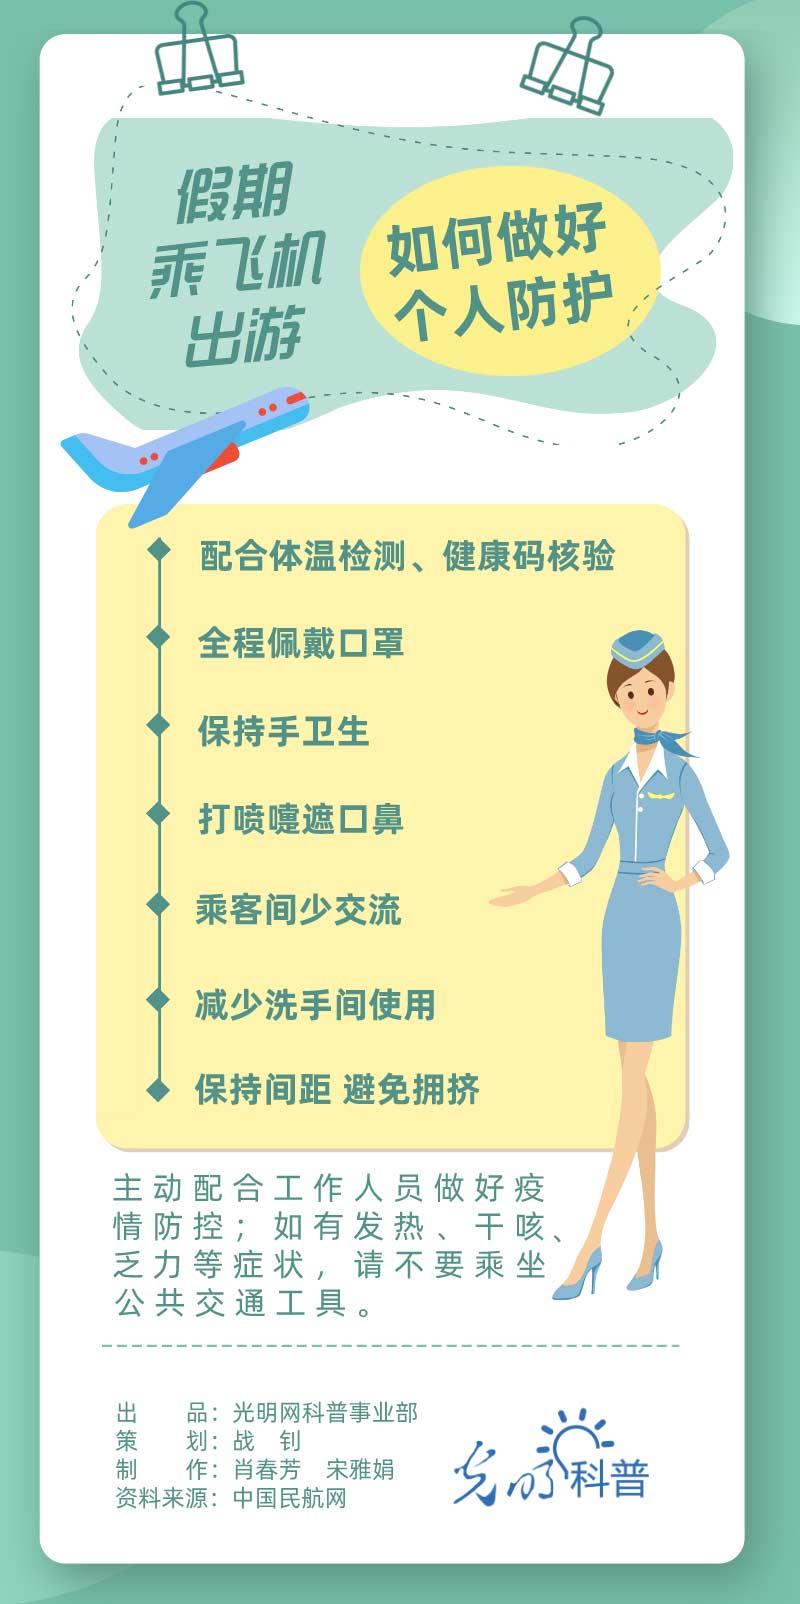 【防疫科普】假期乘飞机出游,如何做好个人防护?